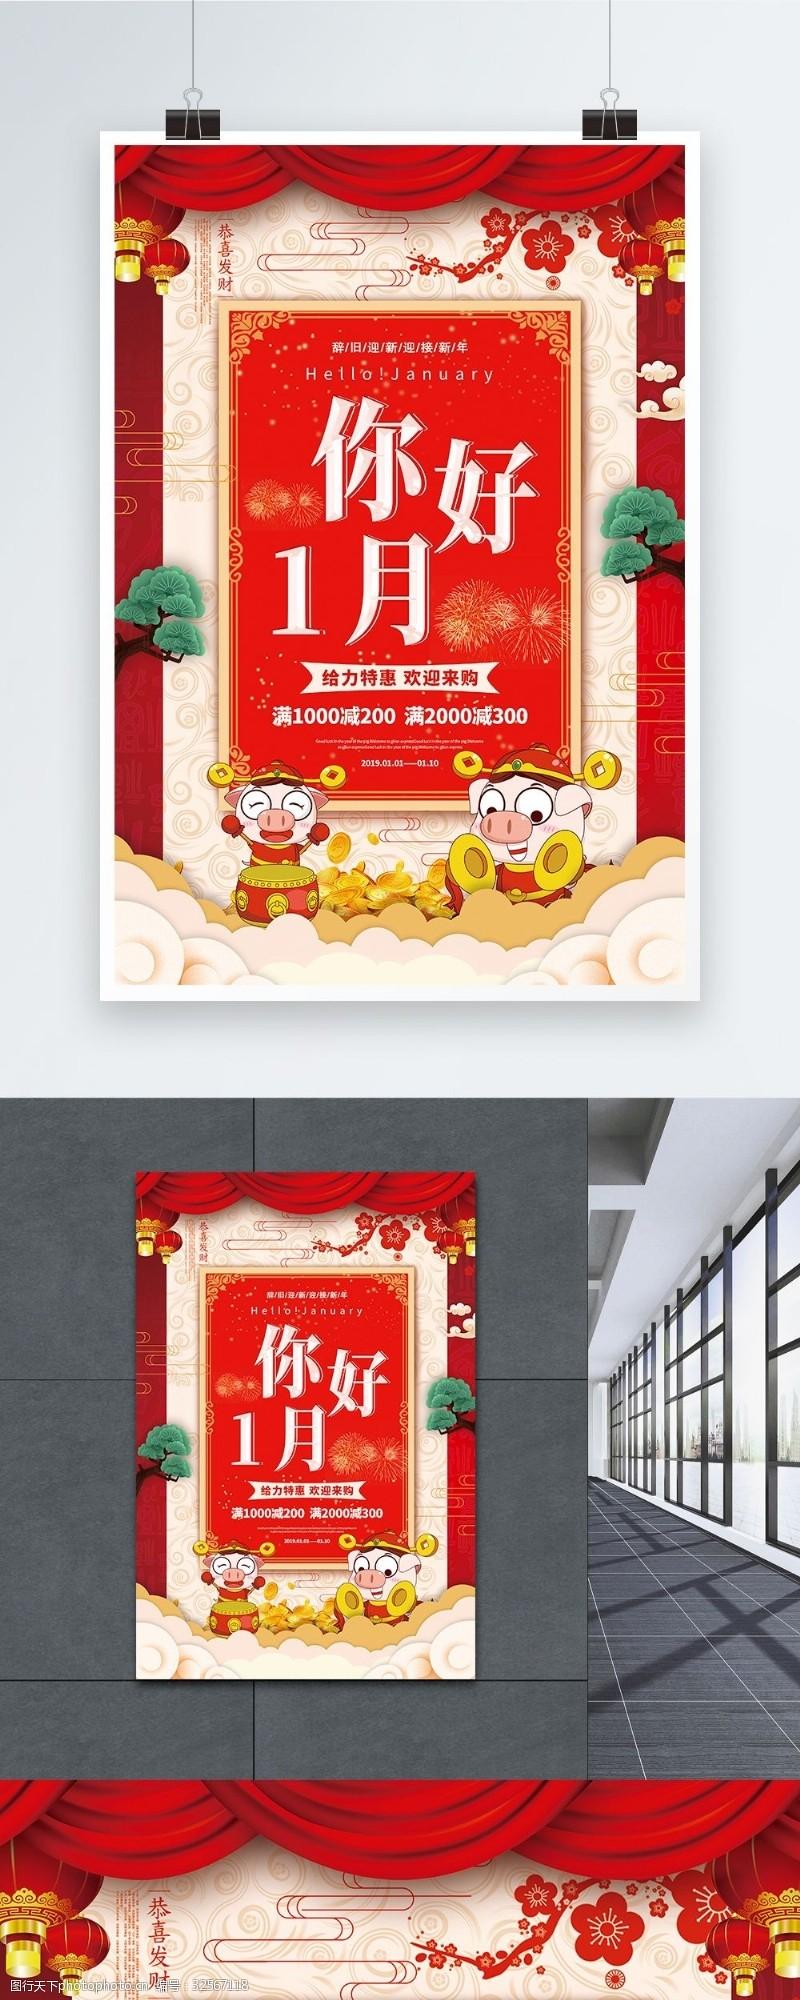 6月促销红色喜庆你好1月促销海报